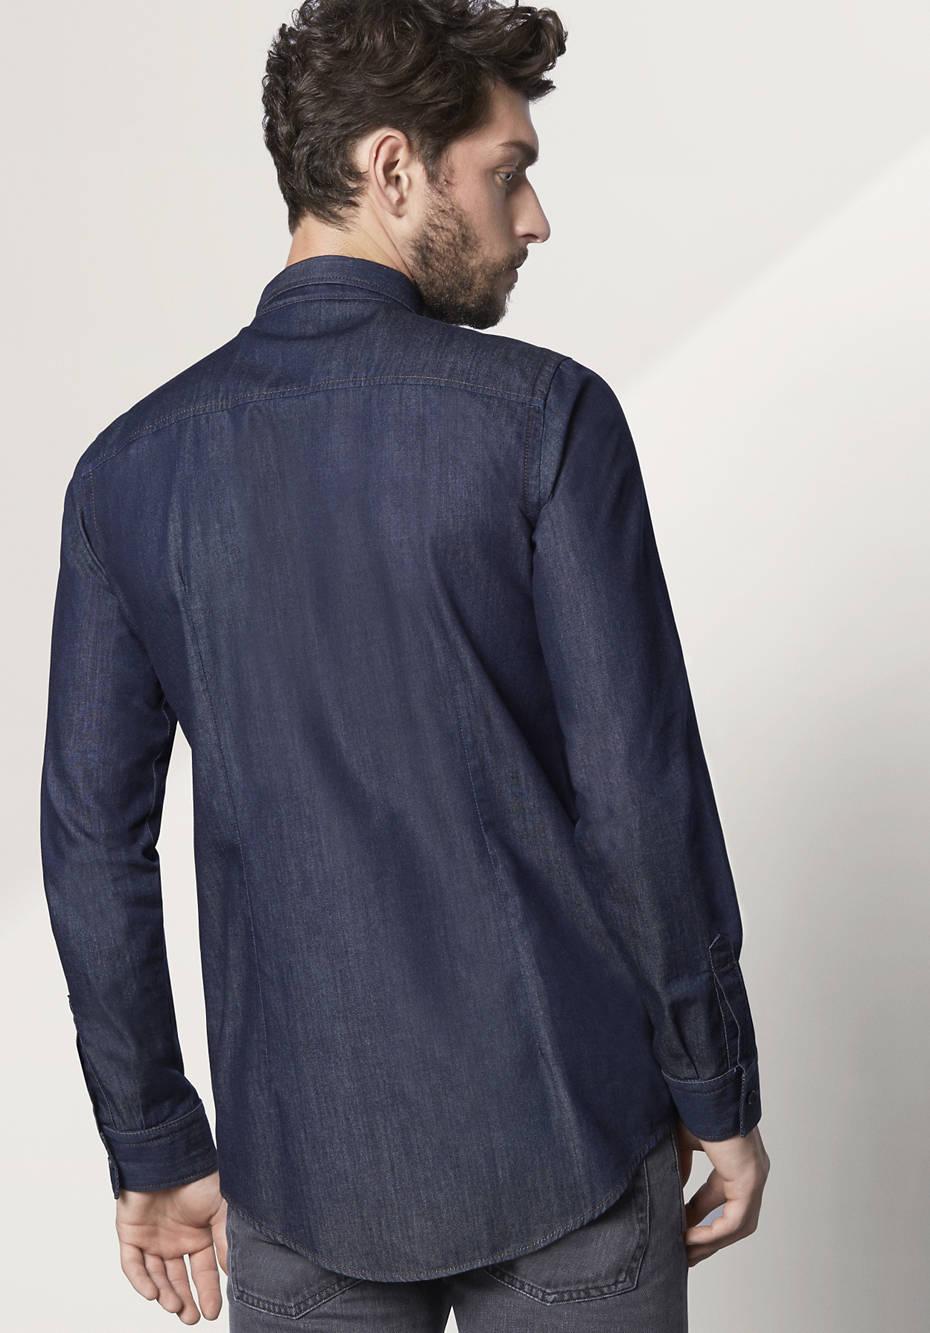 Herren Jeanshemd Modern Fit aus reiner Bio-Baumwolle